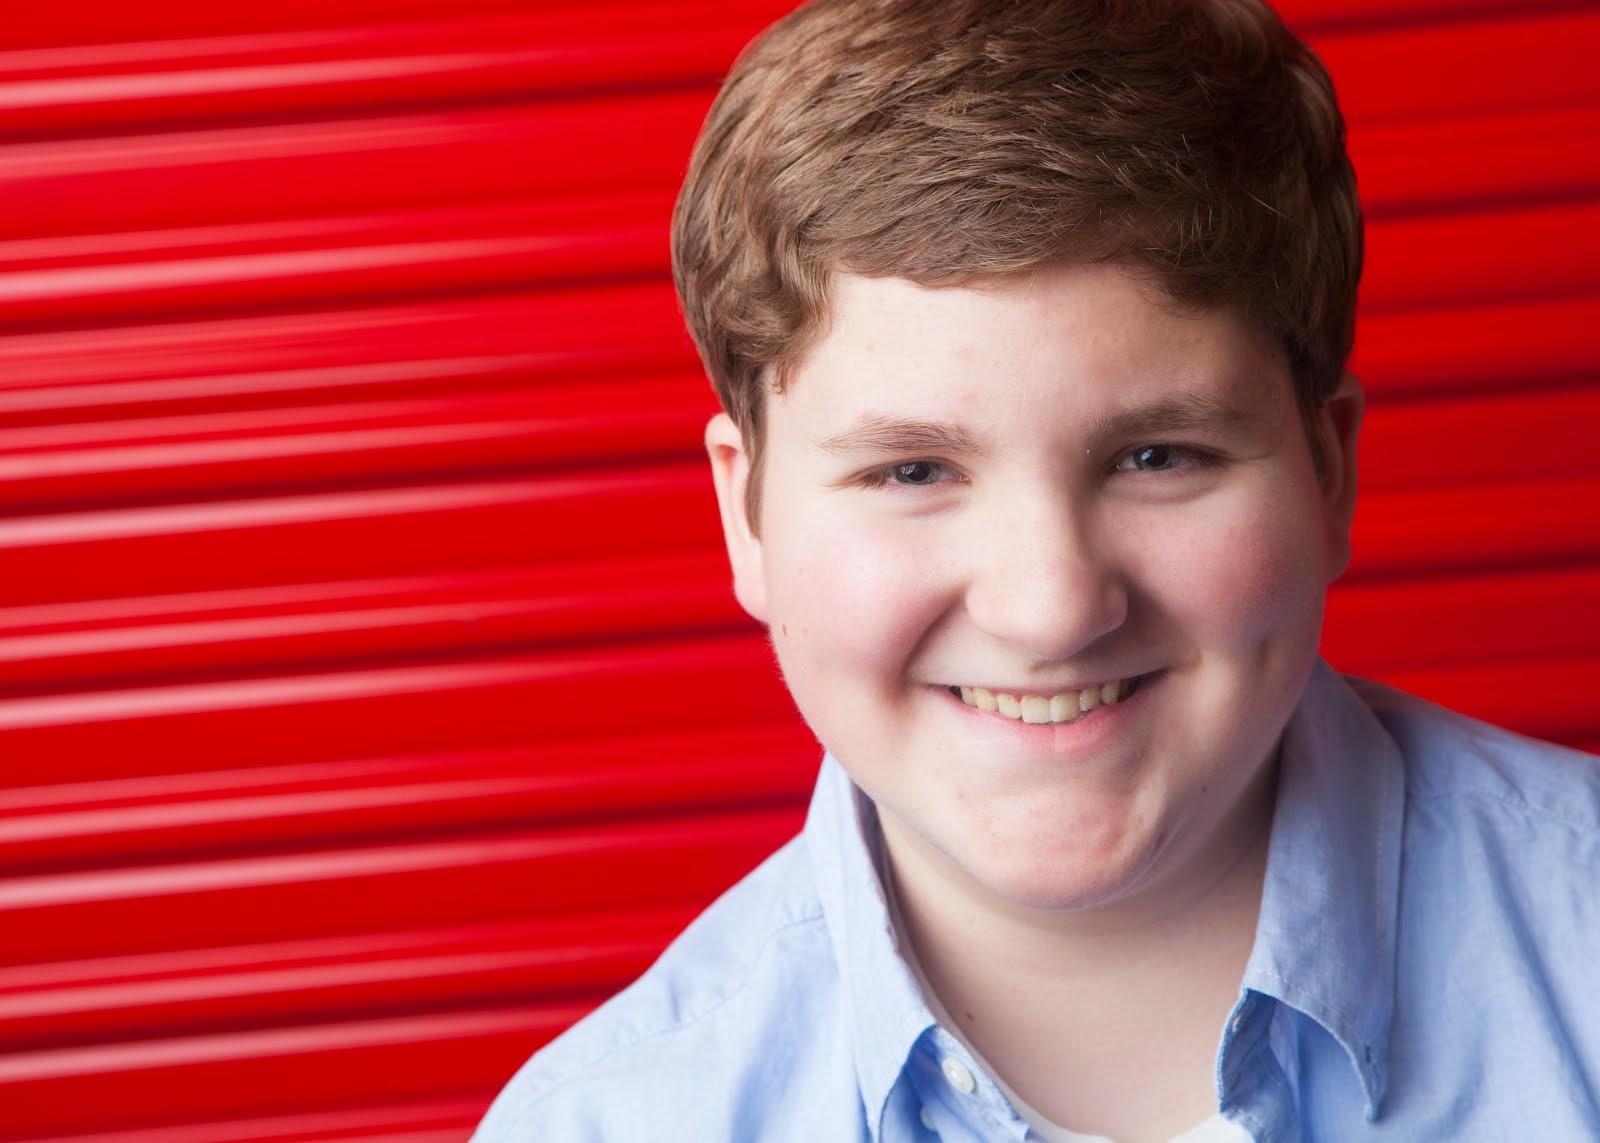 Ian Kenneth Shannon Age 13